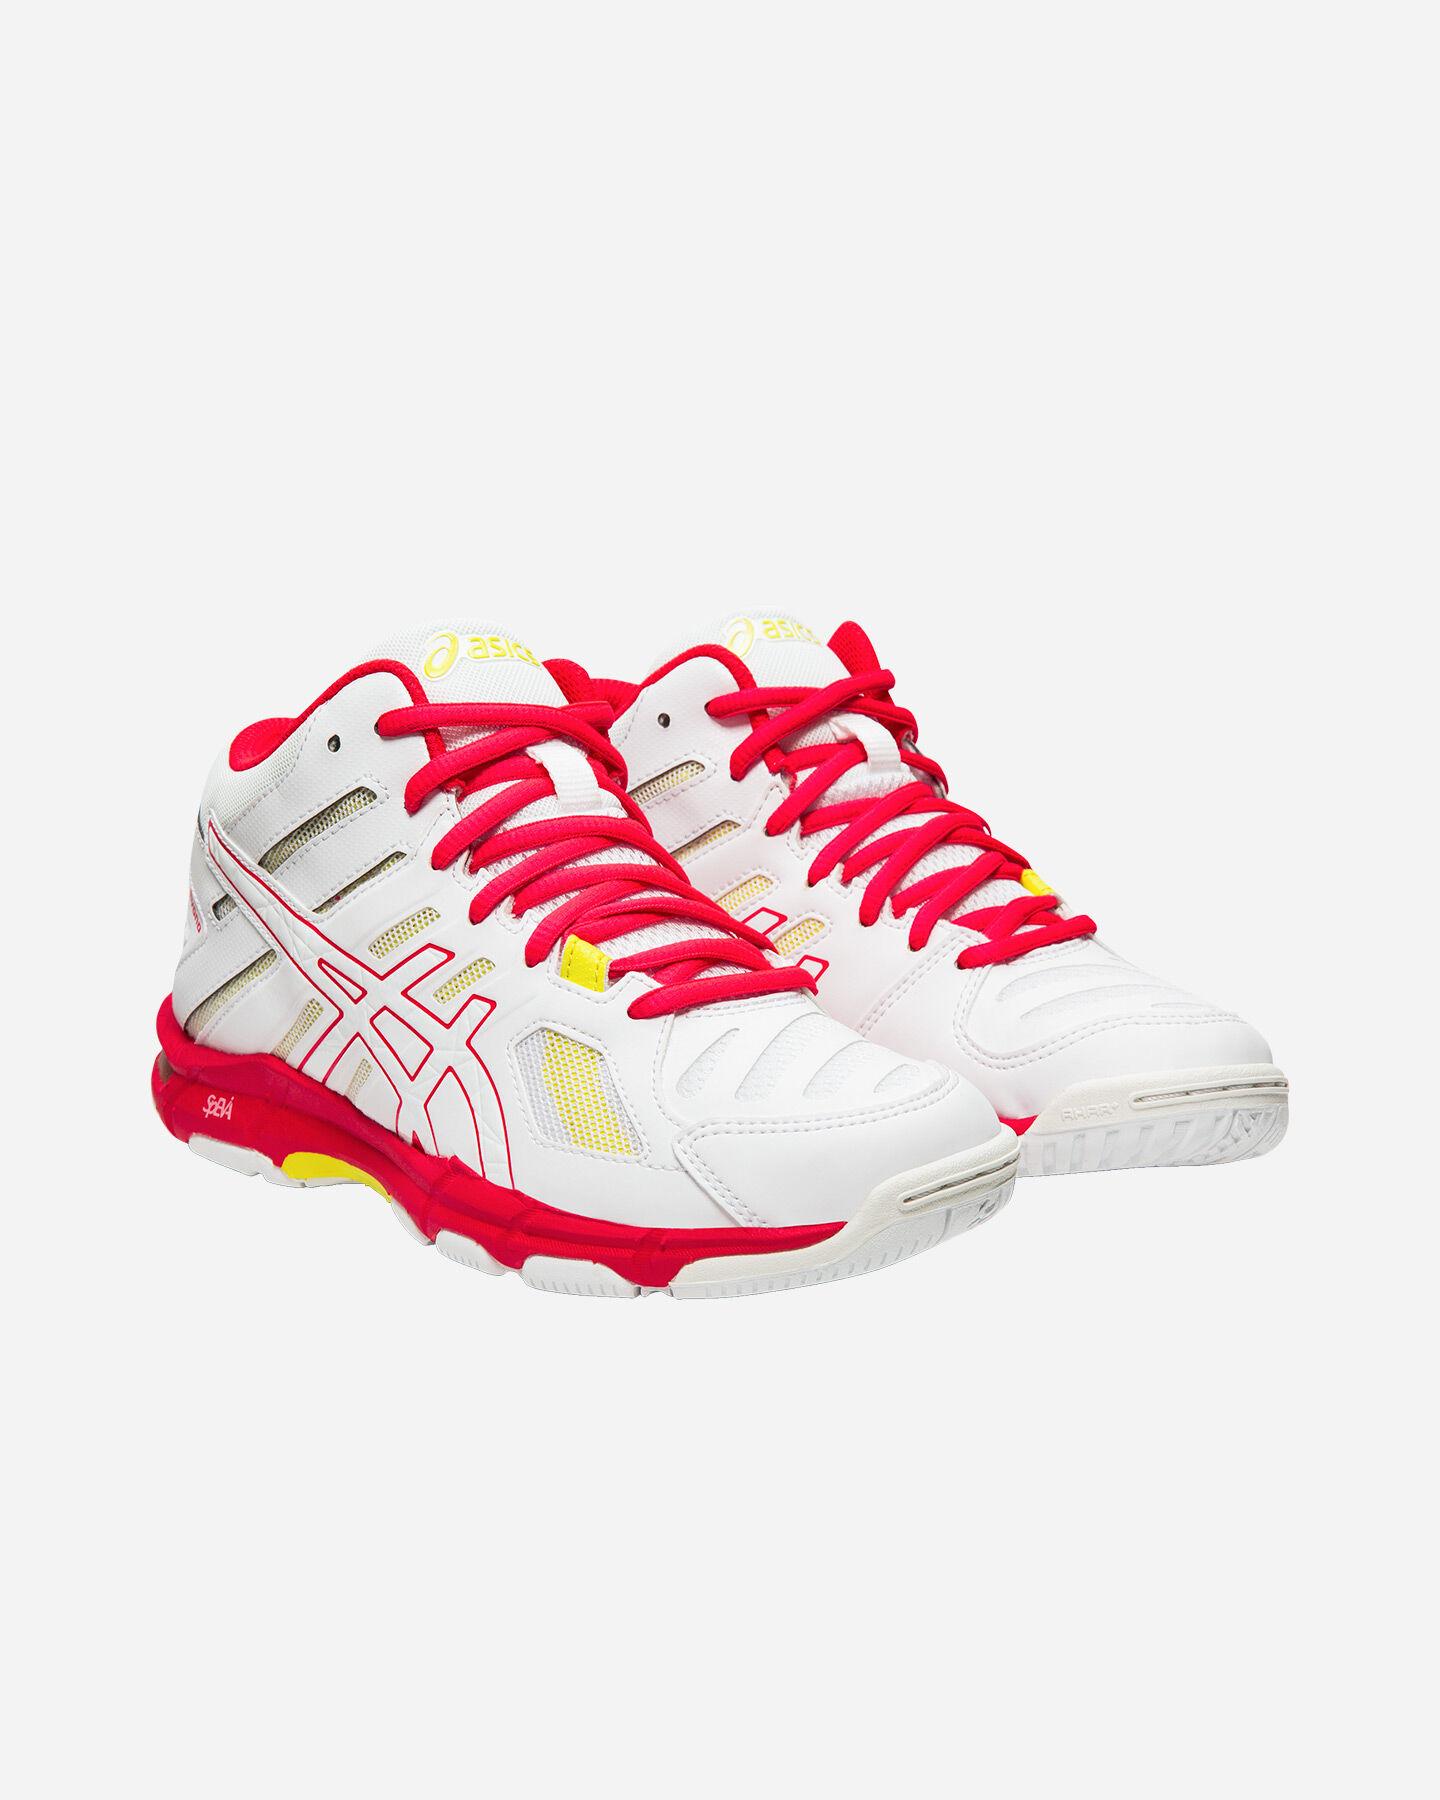 Schuhe boots *NEW 2017* Asics GEL BEYOND 5 MT Volleyball